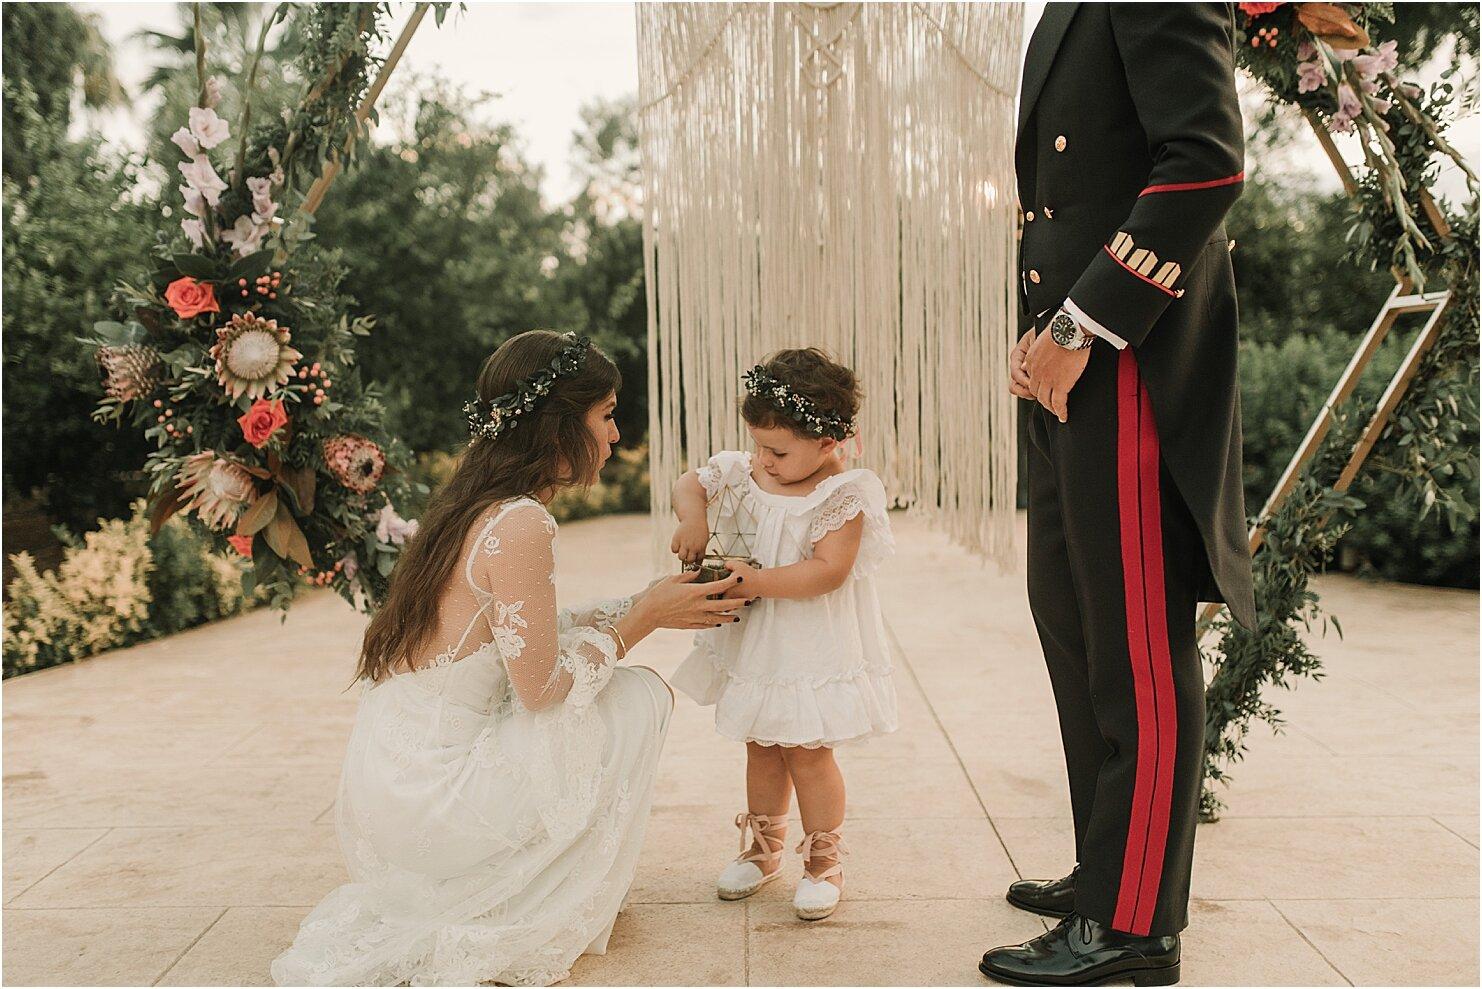 boda-romantica-boda-boho-vestido-de-novia-laura-lomas36.jpg